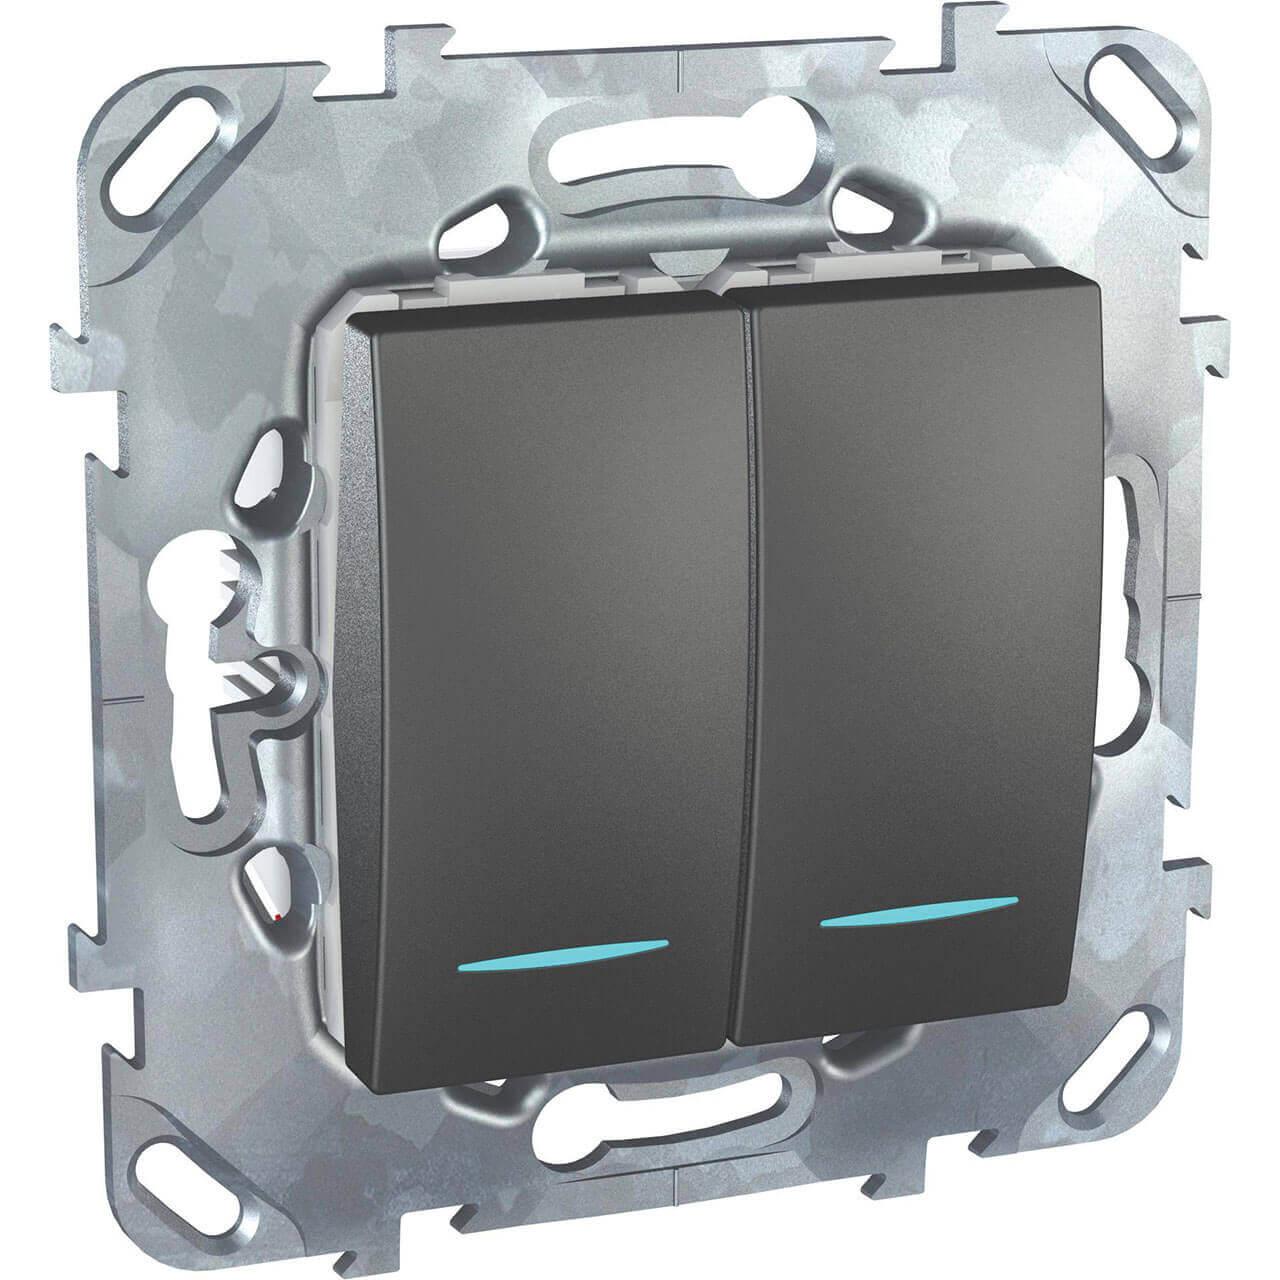 Переключатель двухклавишный с подсветкой Schneider Electric Unica MGU5.0303.12NZD переключатель schneider electric двухклавишный 16а alb45056